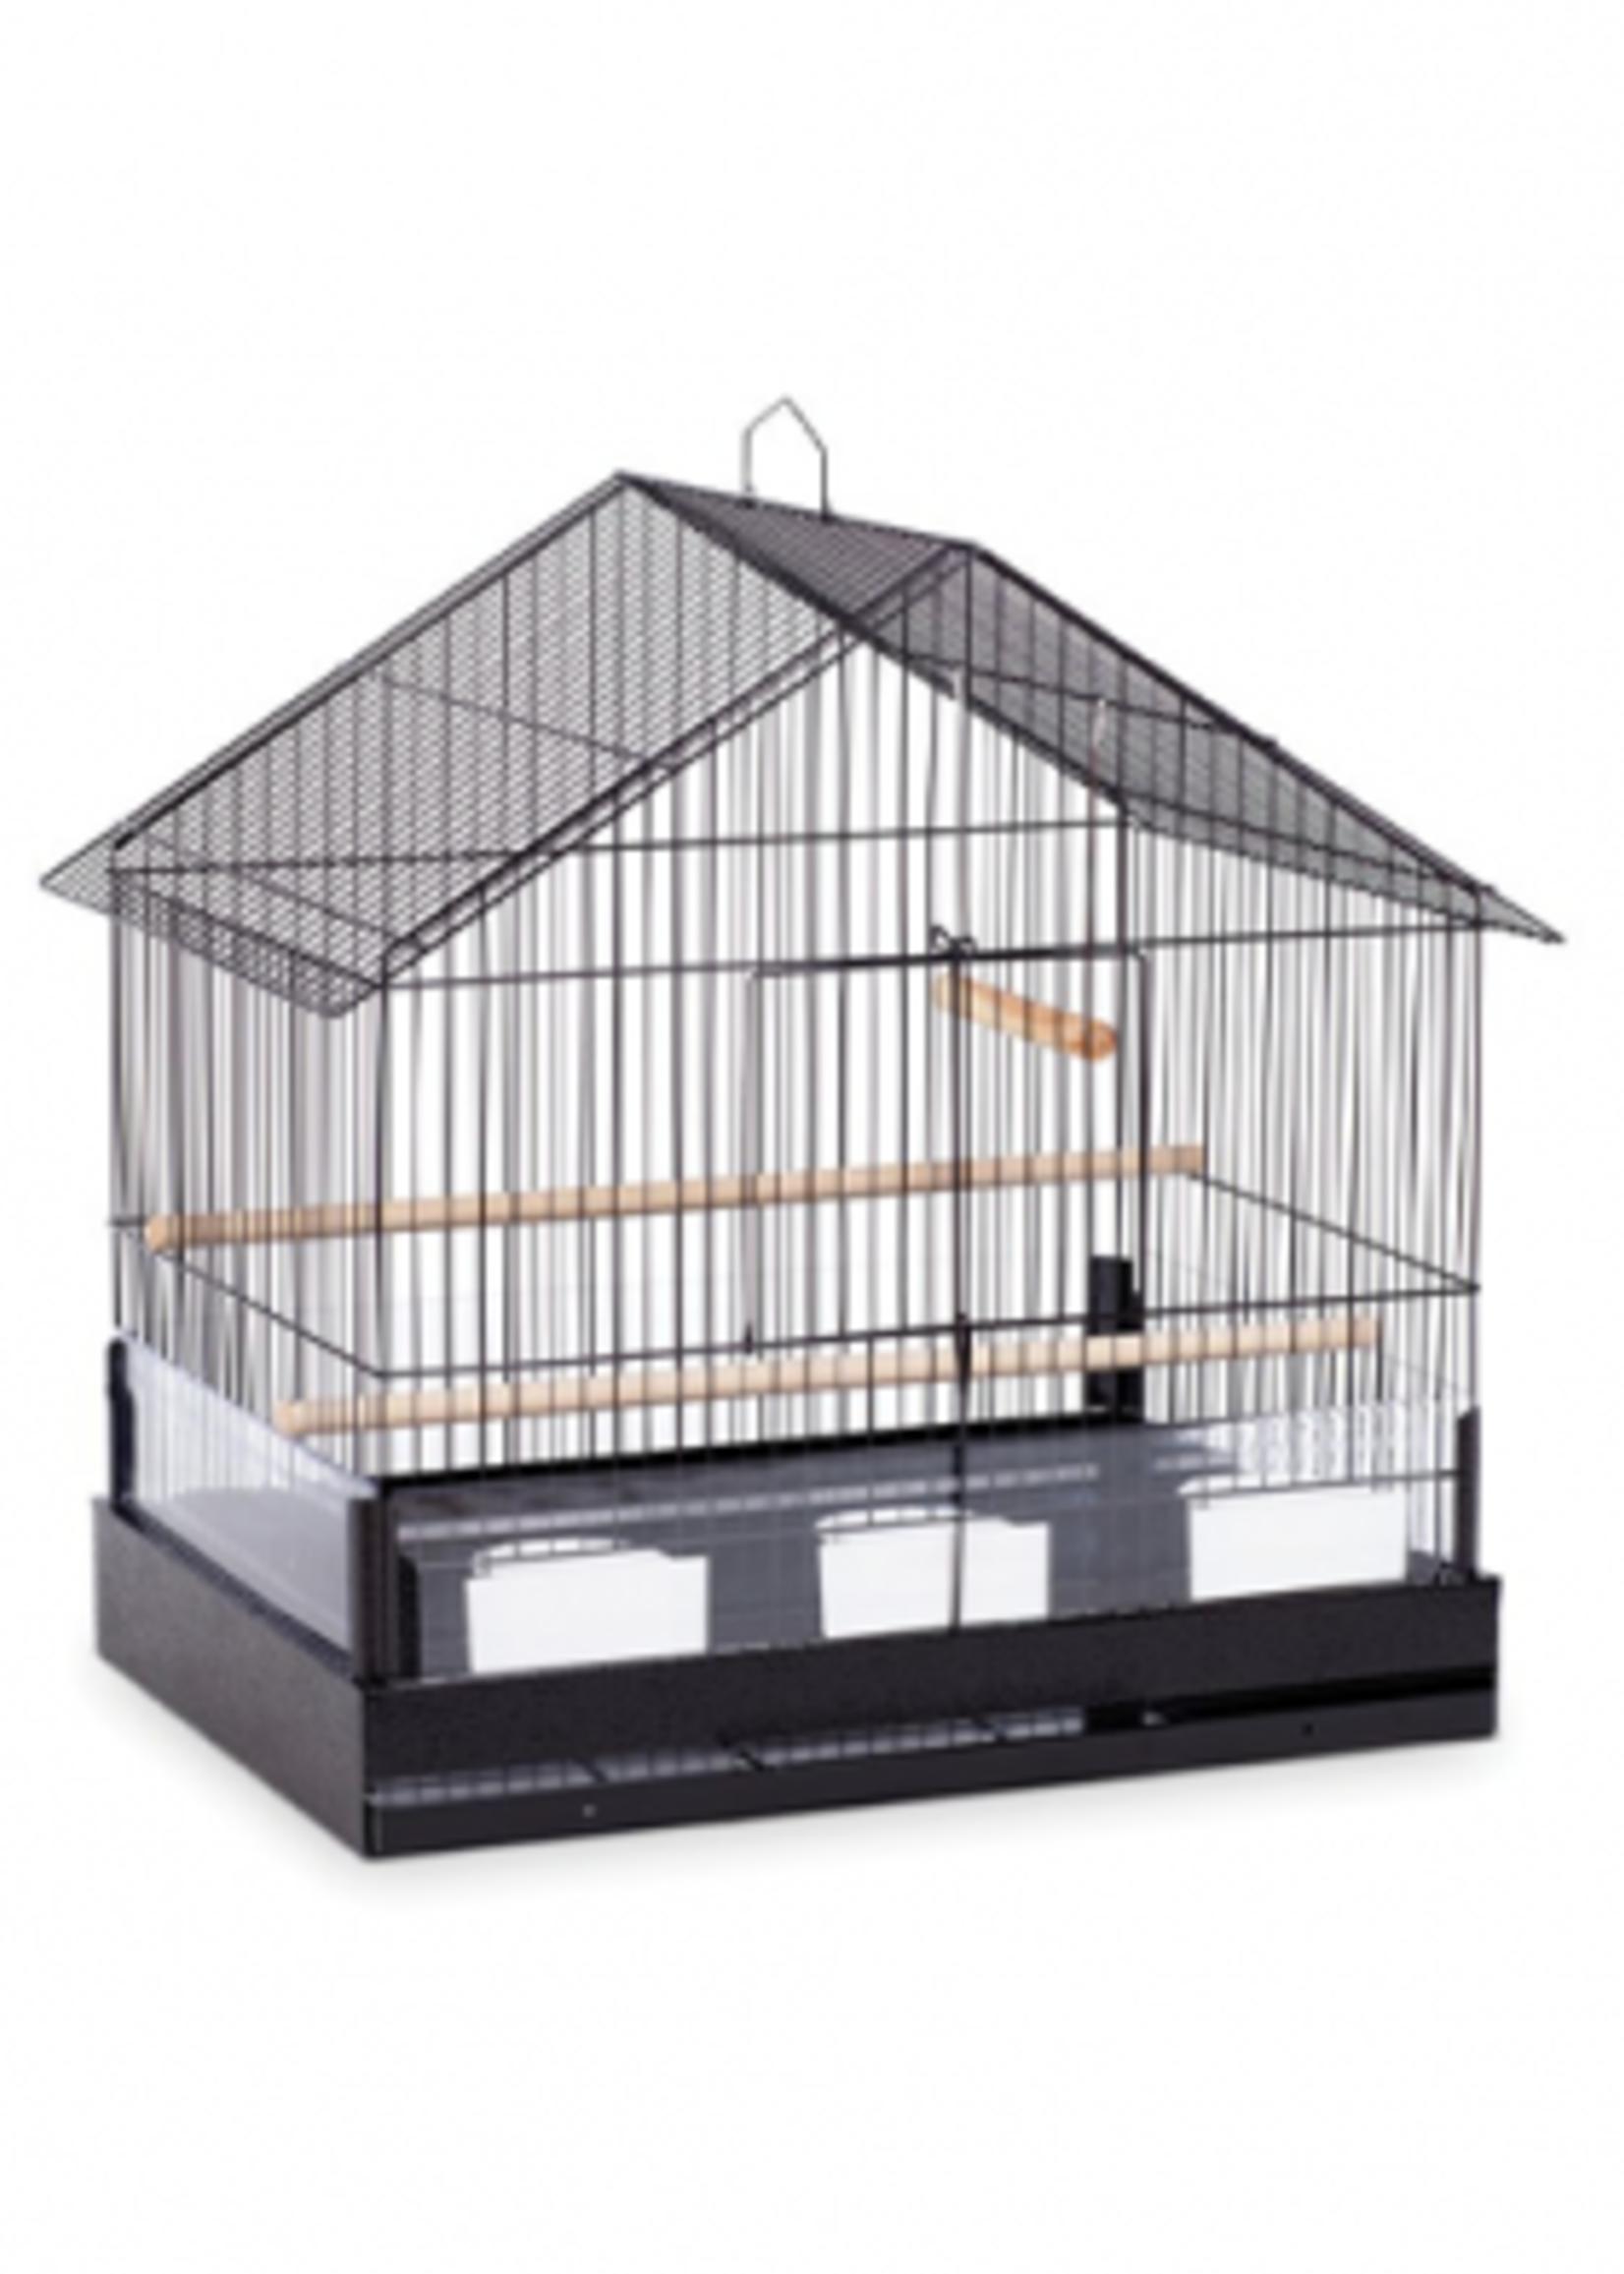 Prevue Hendryx™ Prevue Hendryx The Lincoln Bird Cage